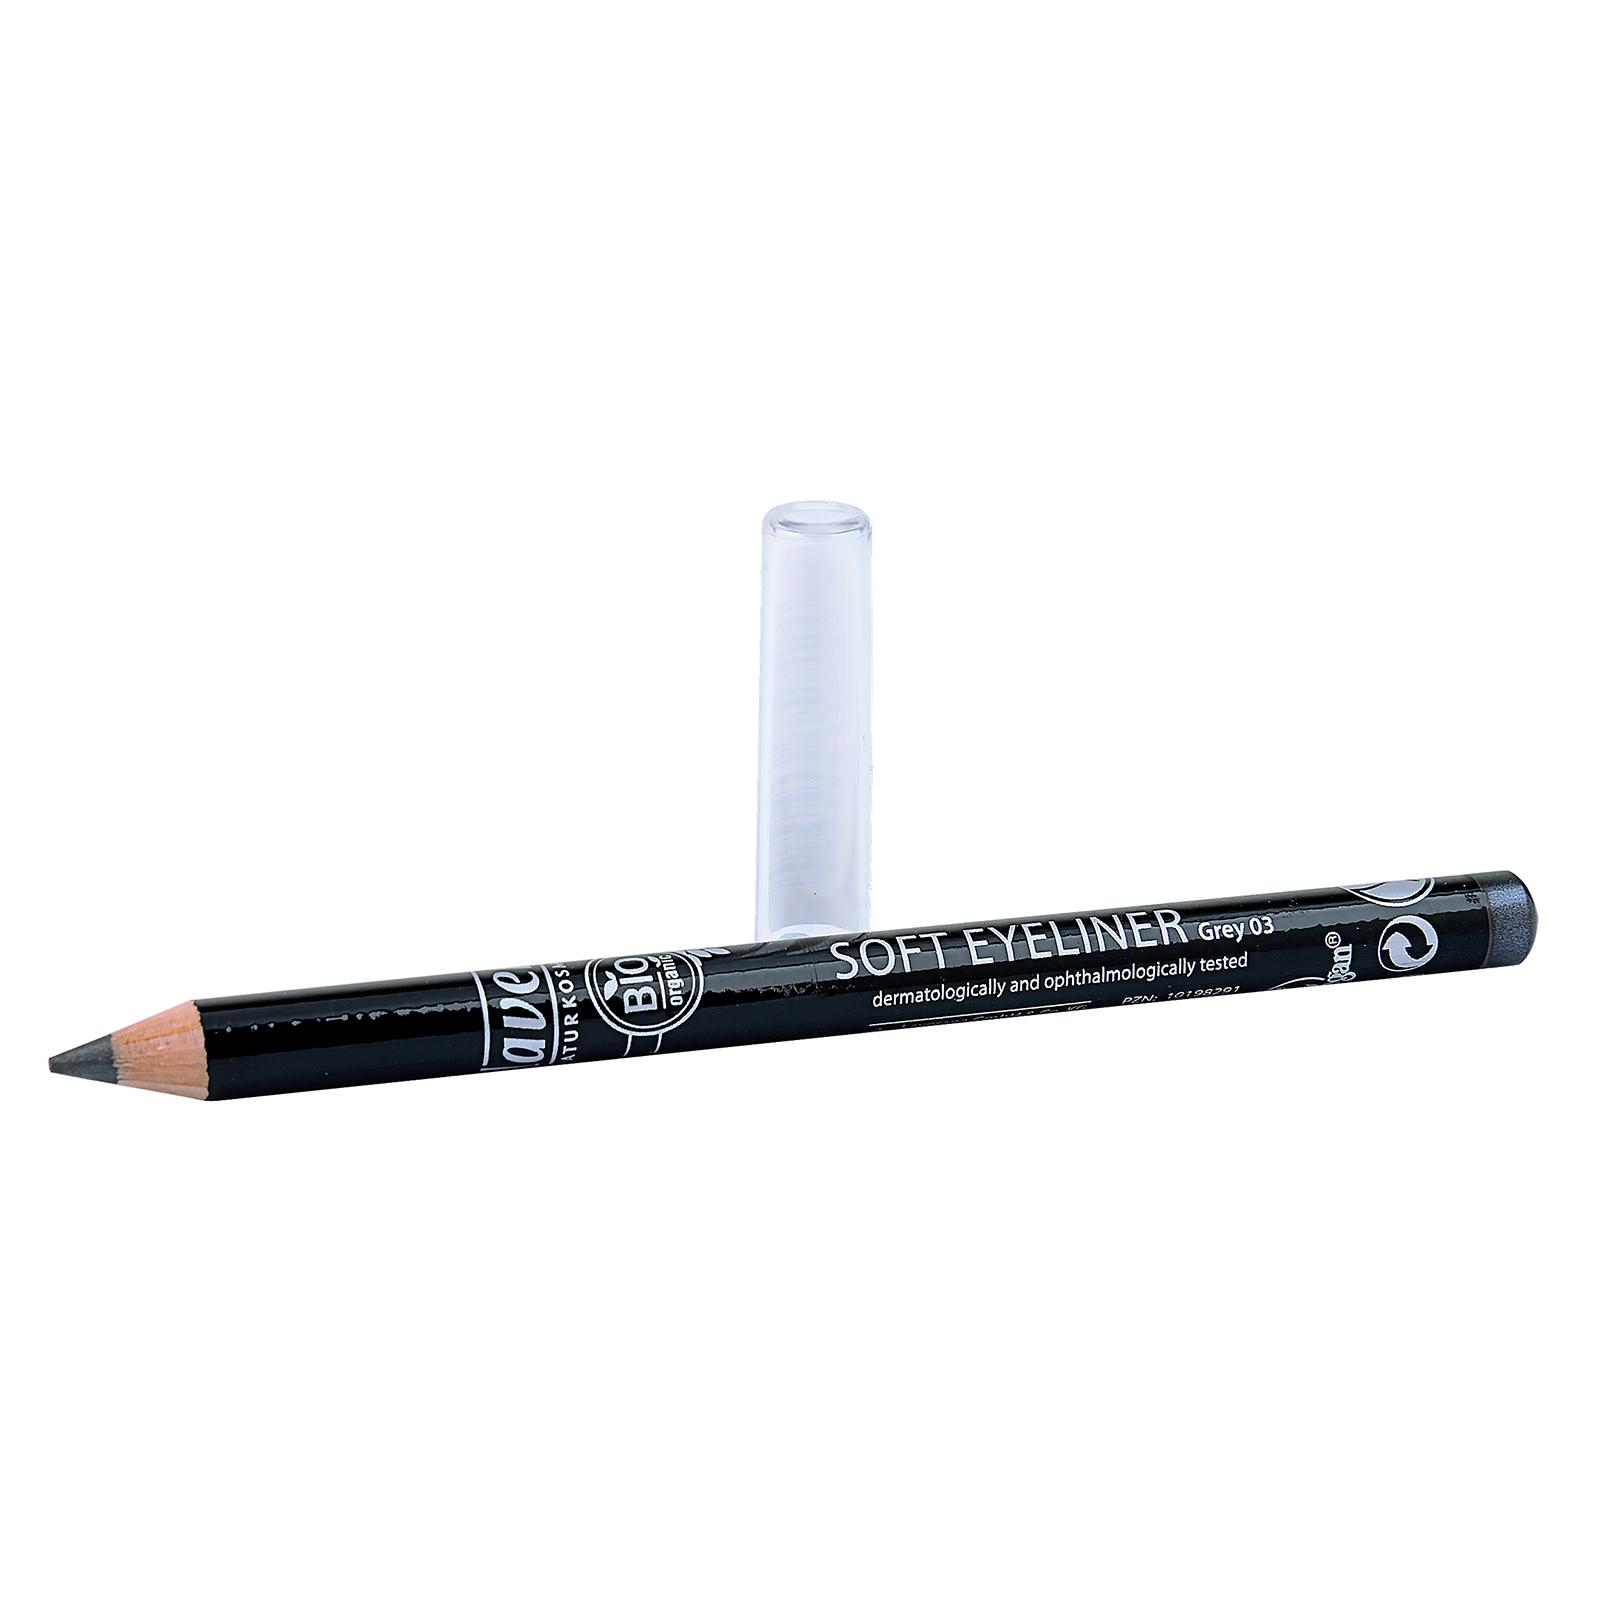 Lavera  Soft Eyeliner 03 Grey, 1.14g,